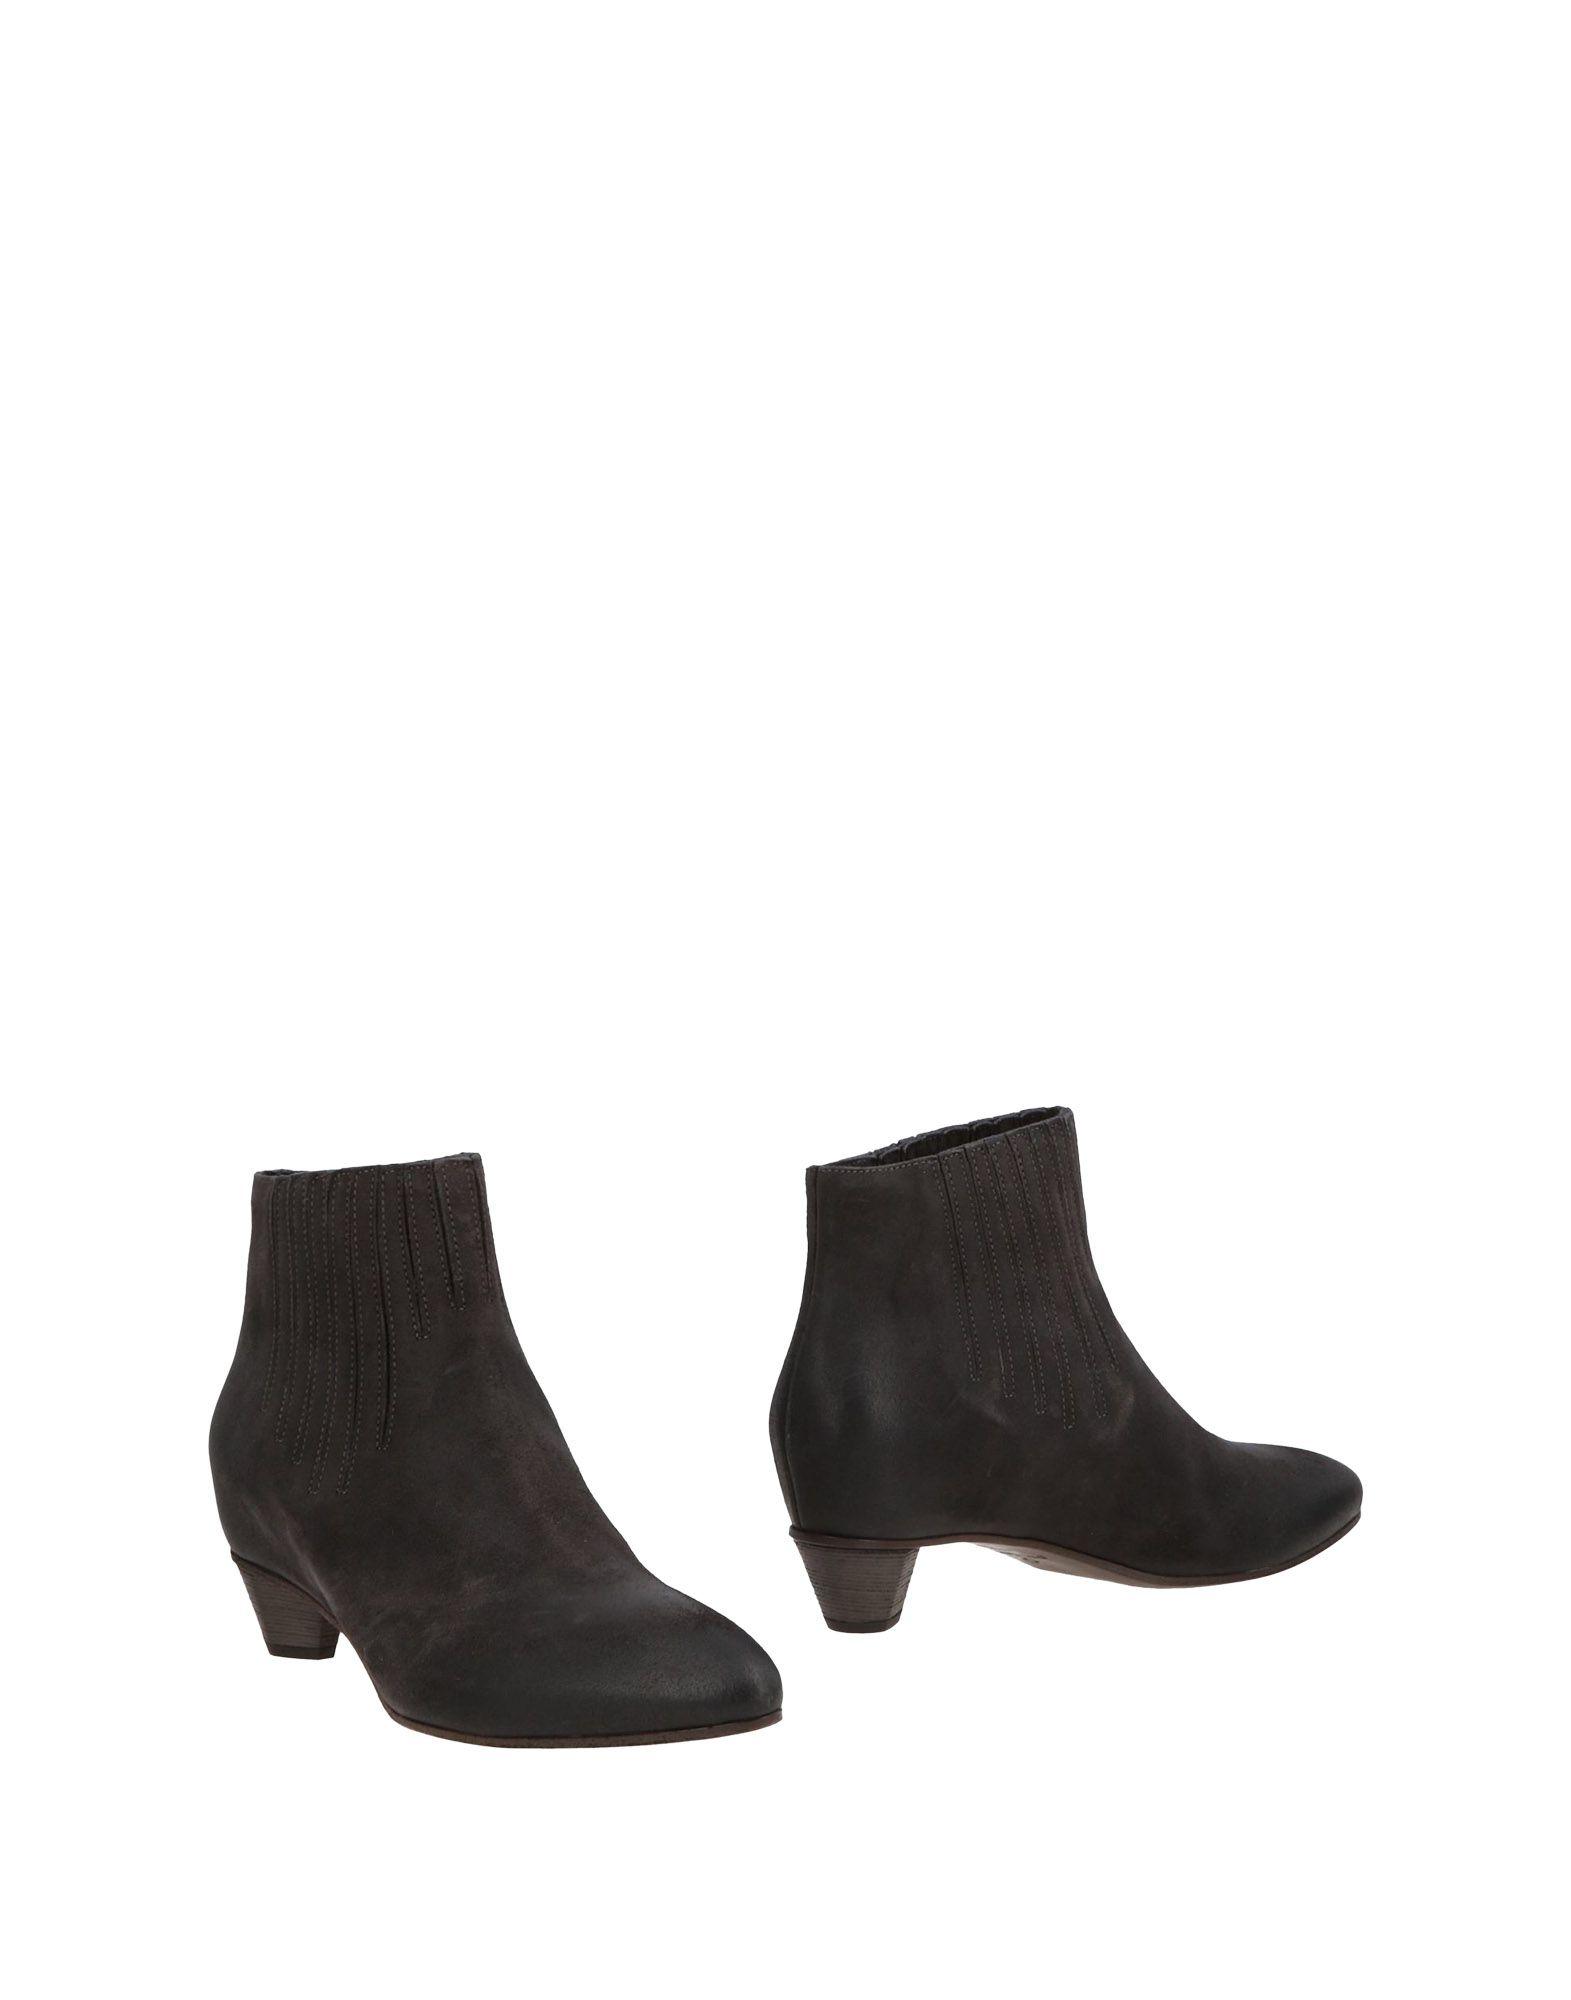 Del Carlo Stiefelette Damen  11485539TAGut aussehende strapazierfähige Schuhe